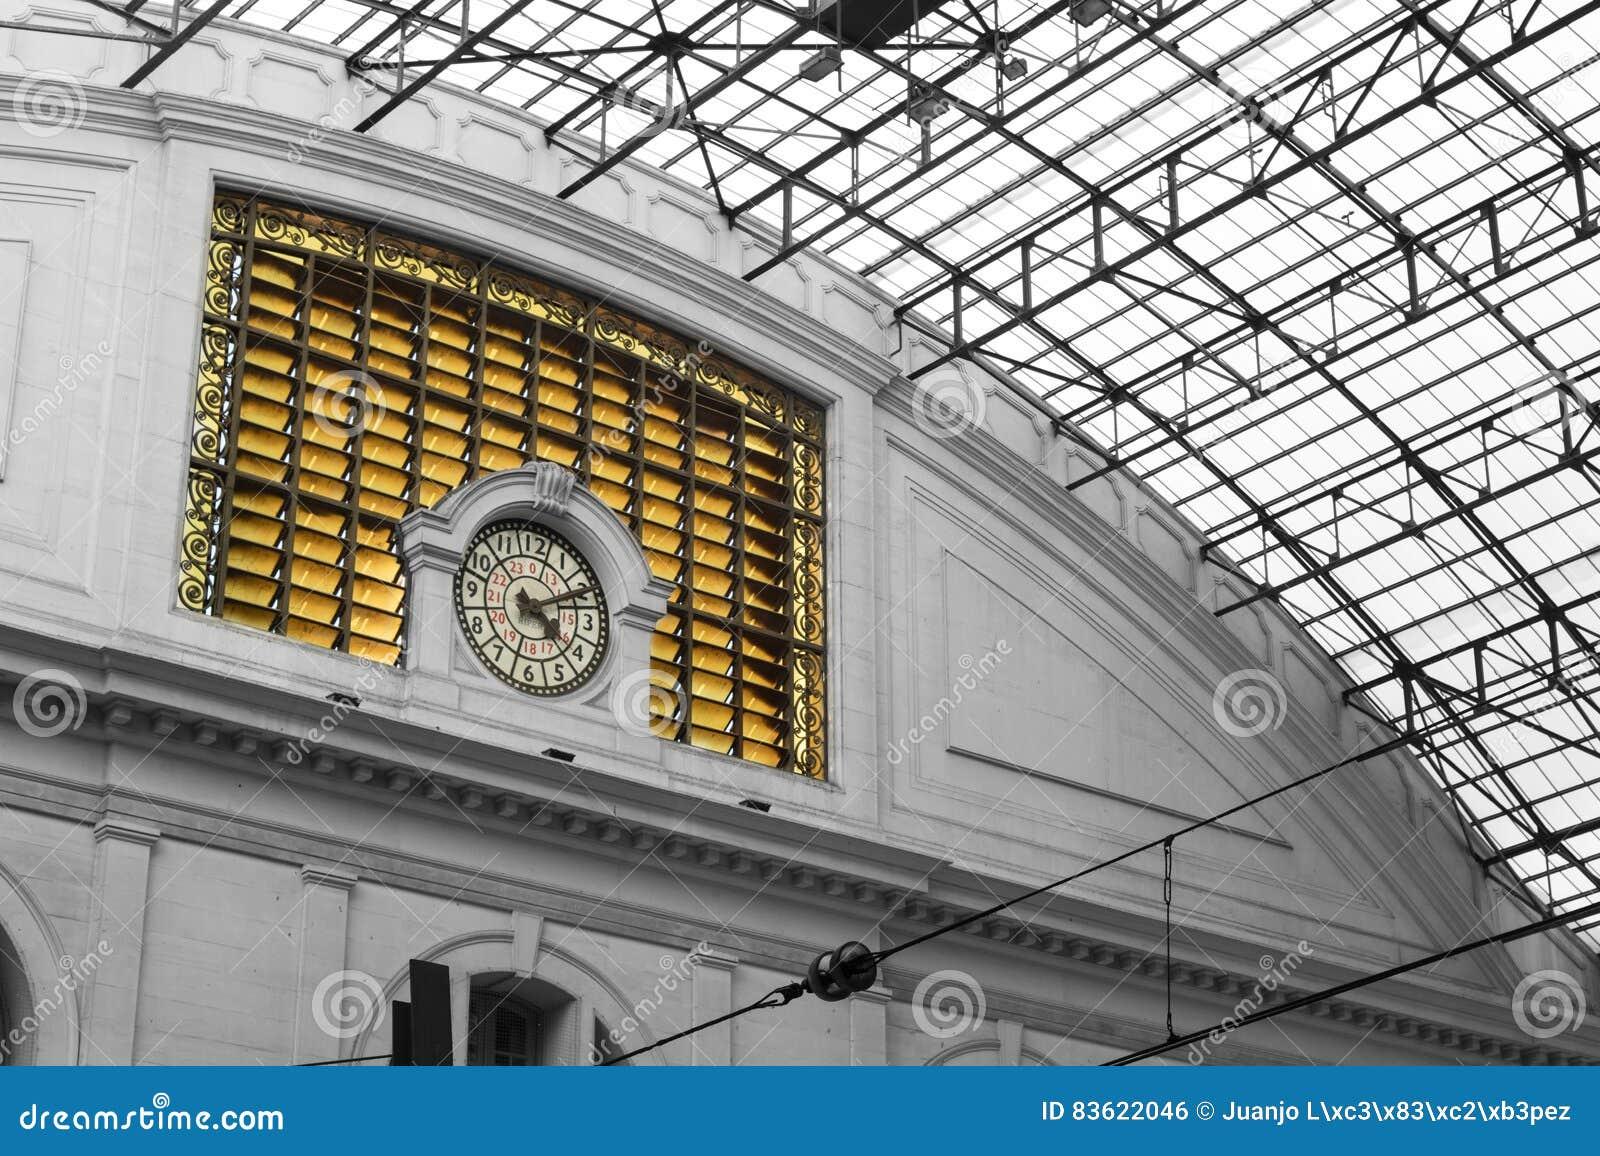 Szczegół zegar który jest w budynku taborowa Francja stacja Estacion De Frans w Barcelona